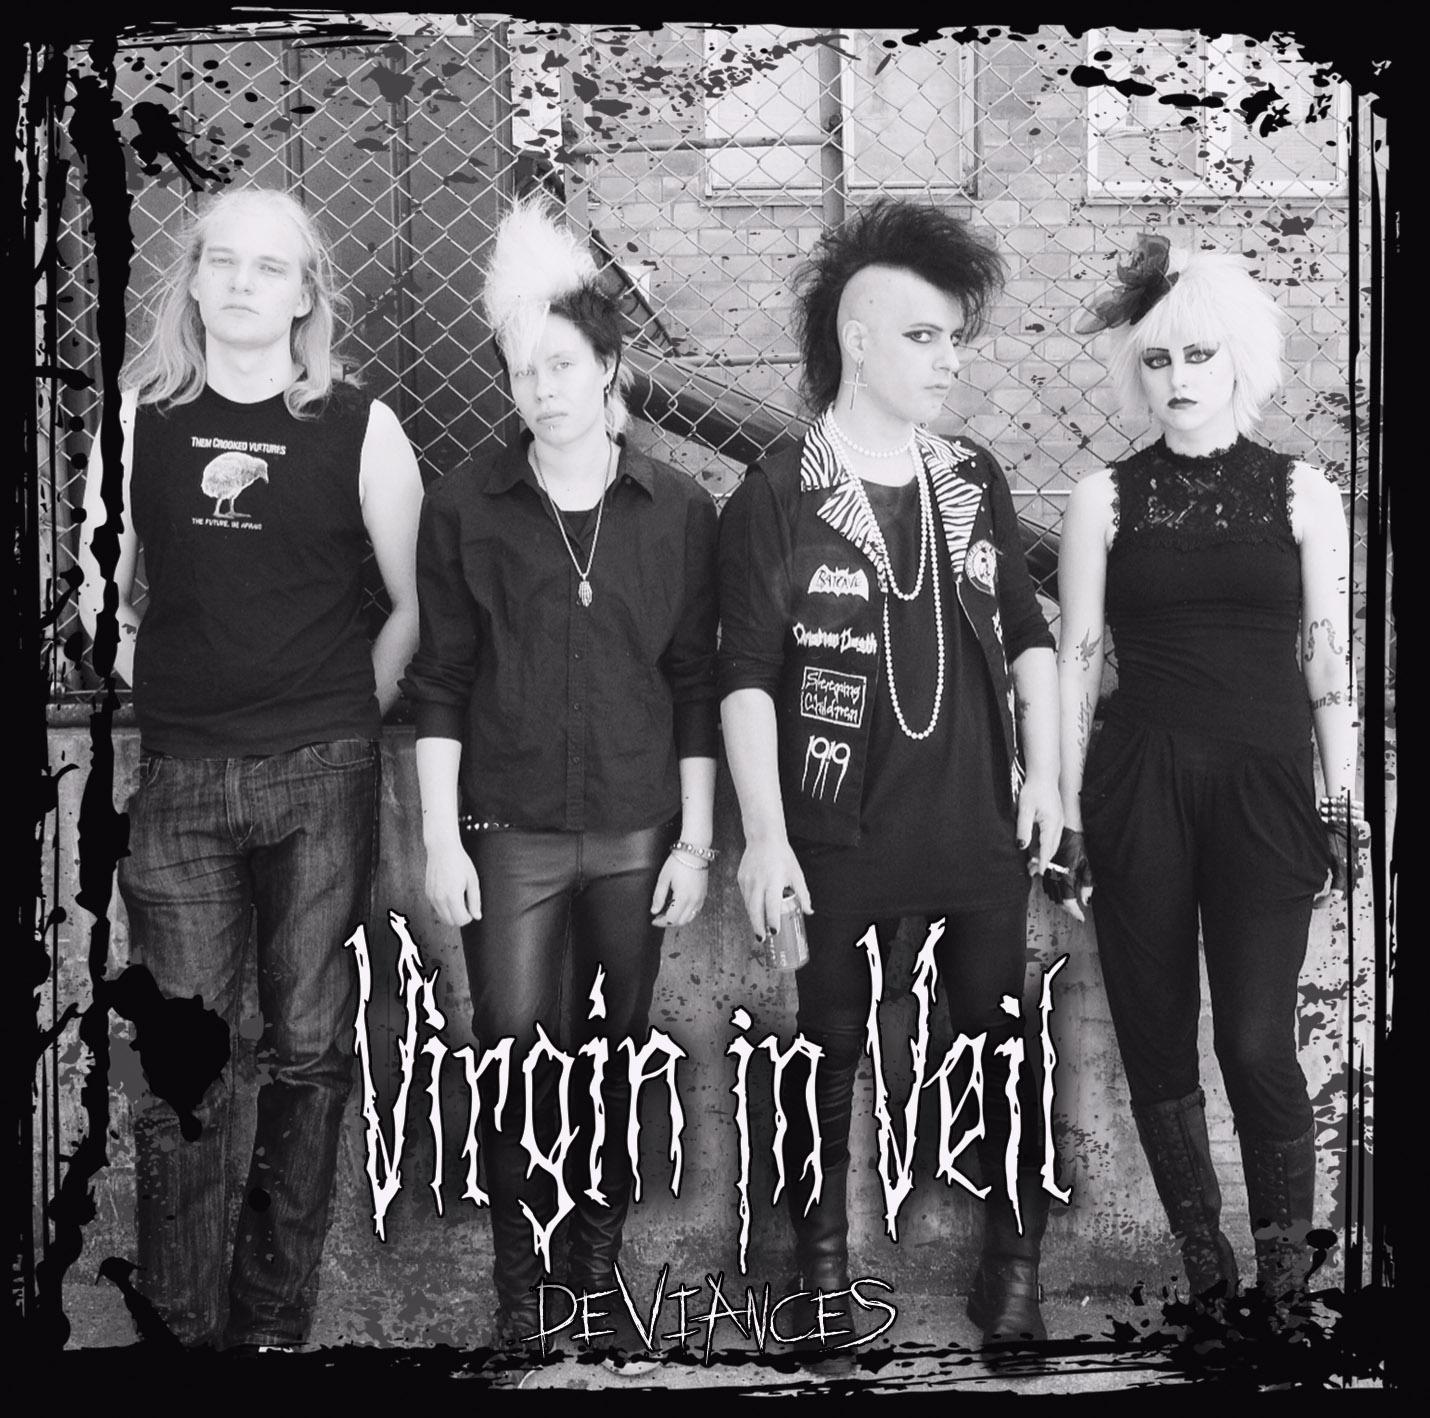 Virgin In Veil, Deviances